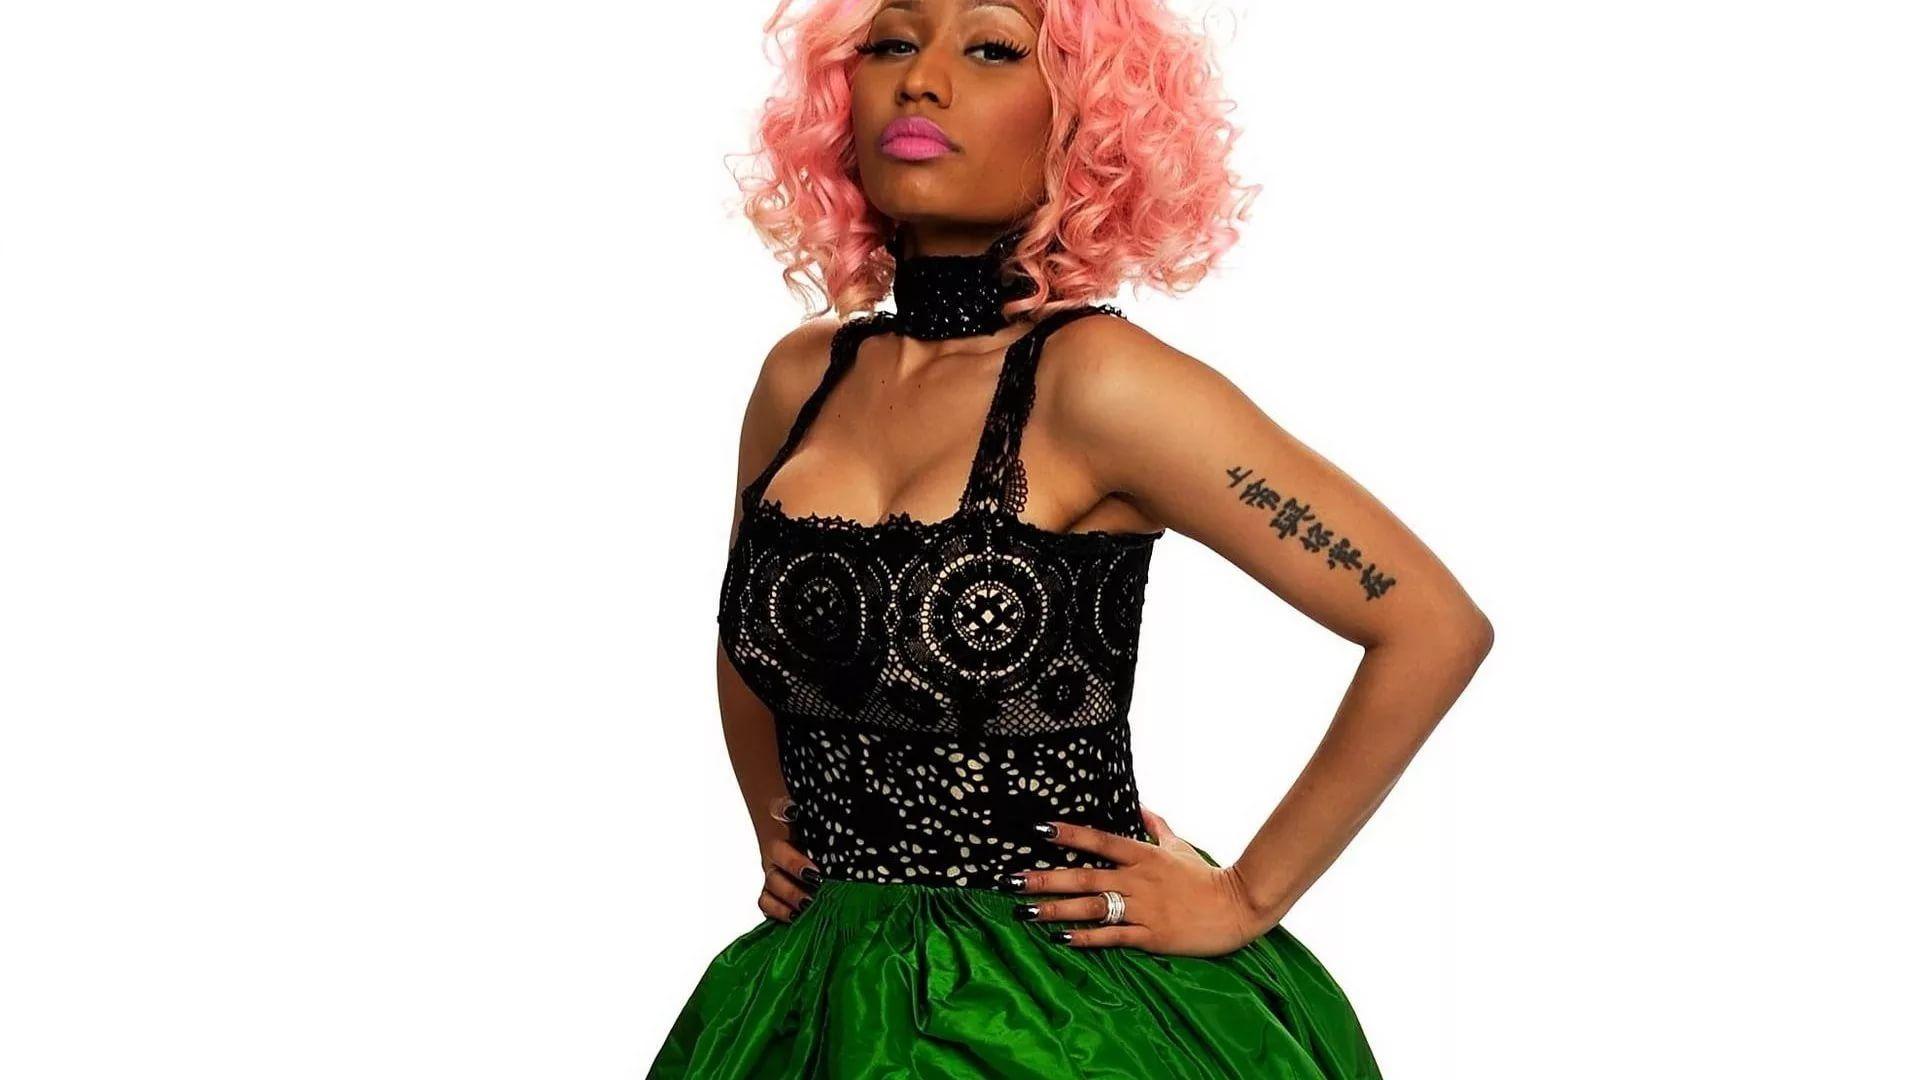 Nicki Minaj Download Wallpaper